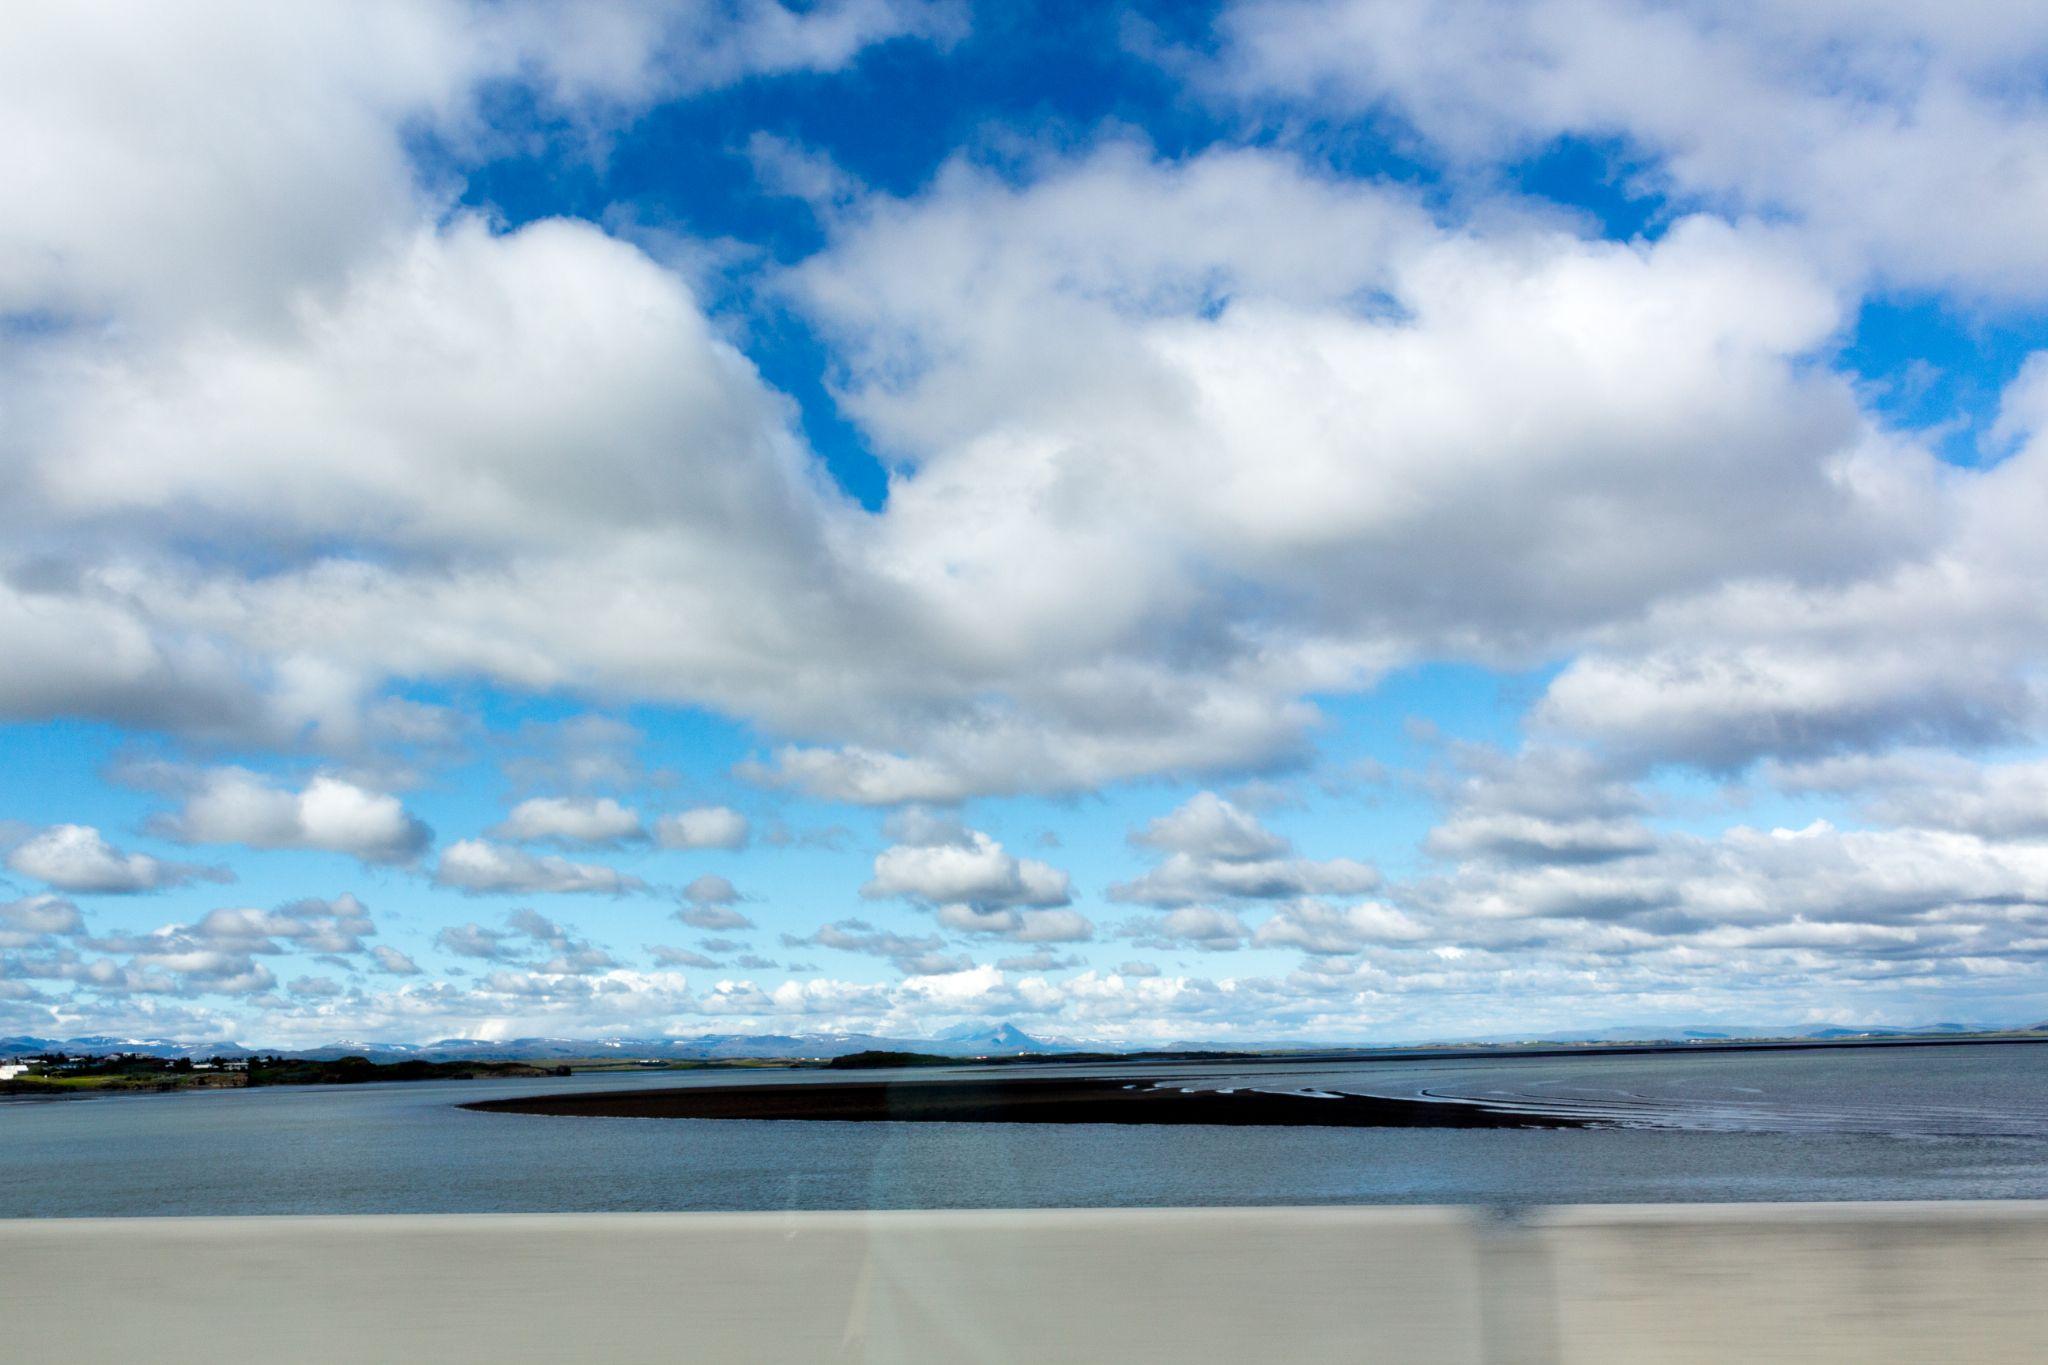 sky 7 by Sigurdur Arni Dagbjartsson